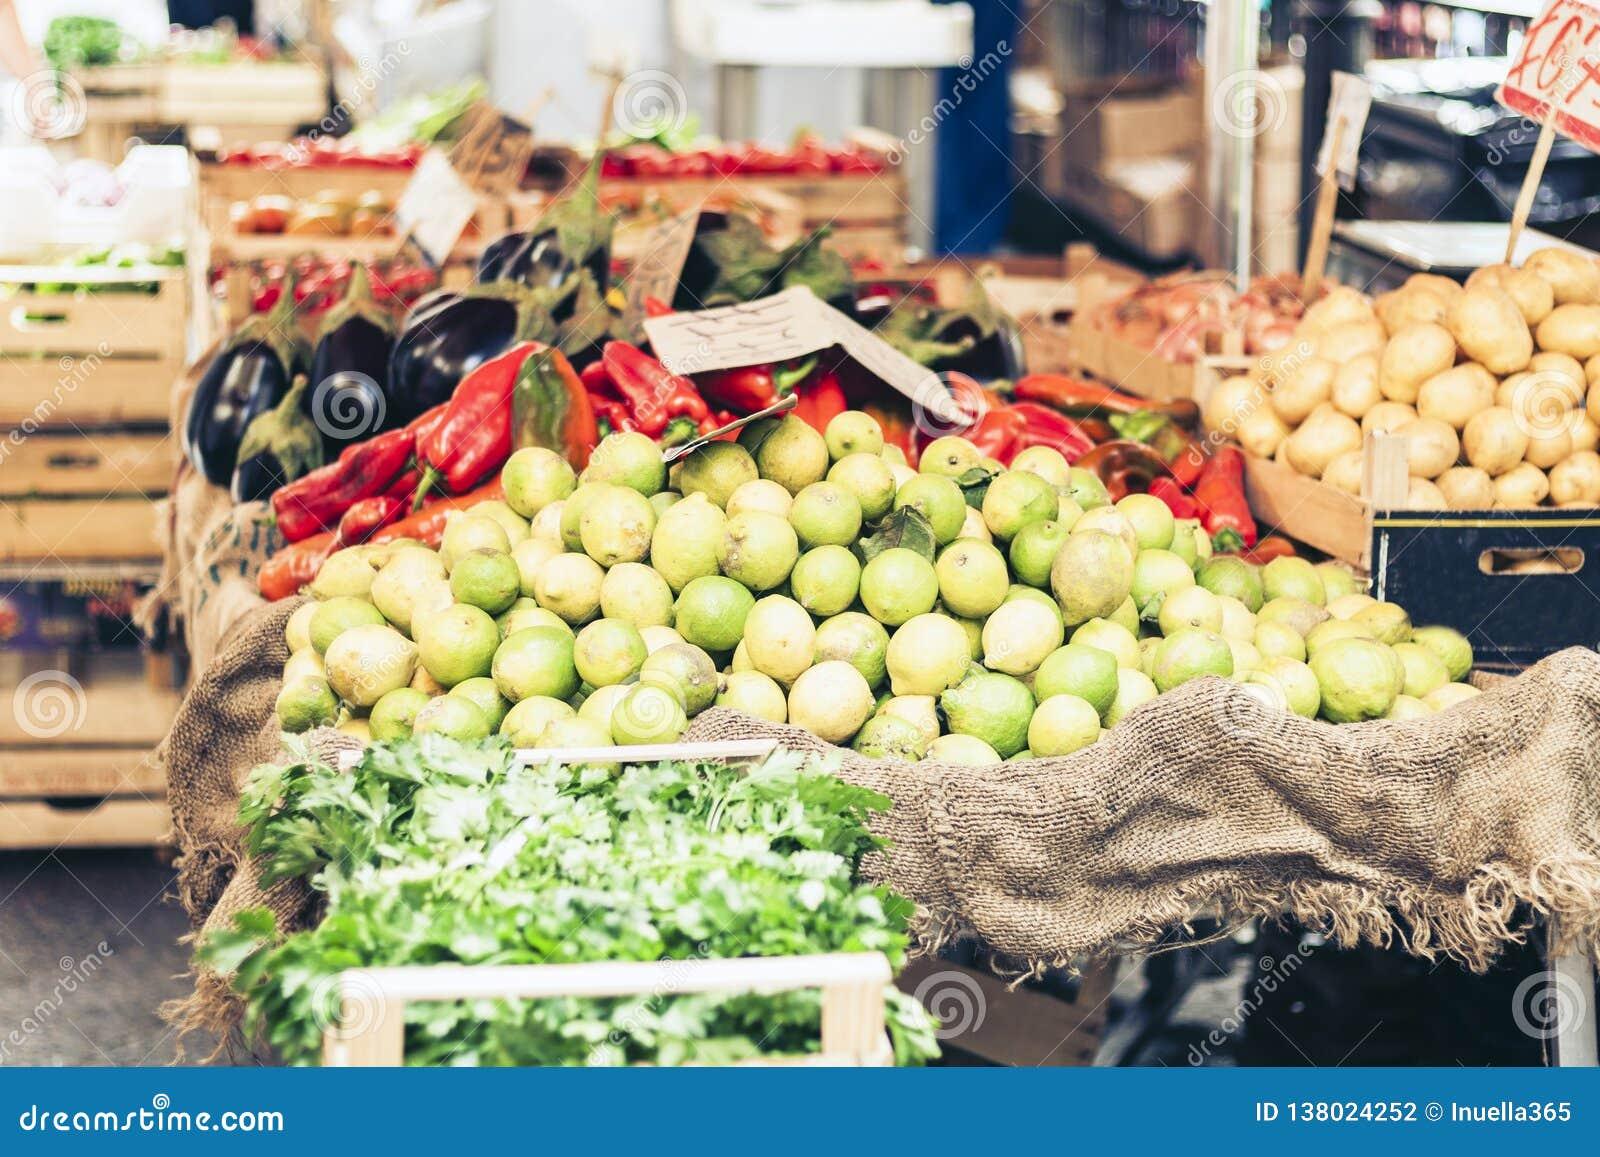 Verschiedene bunte frische vegetablesand Früchte im Markt von Catania, Sizilien, Italien